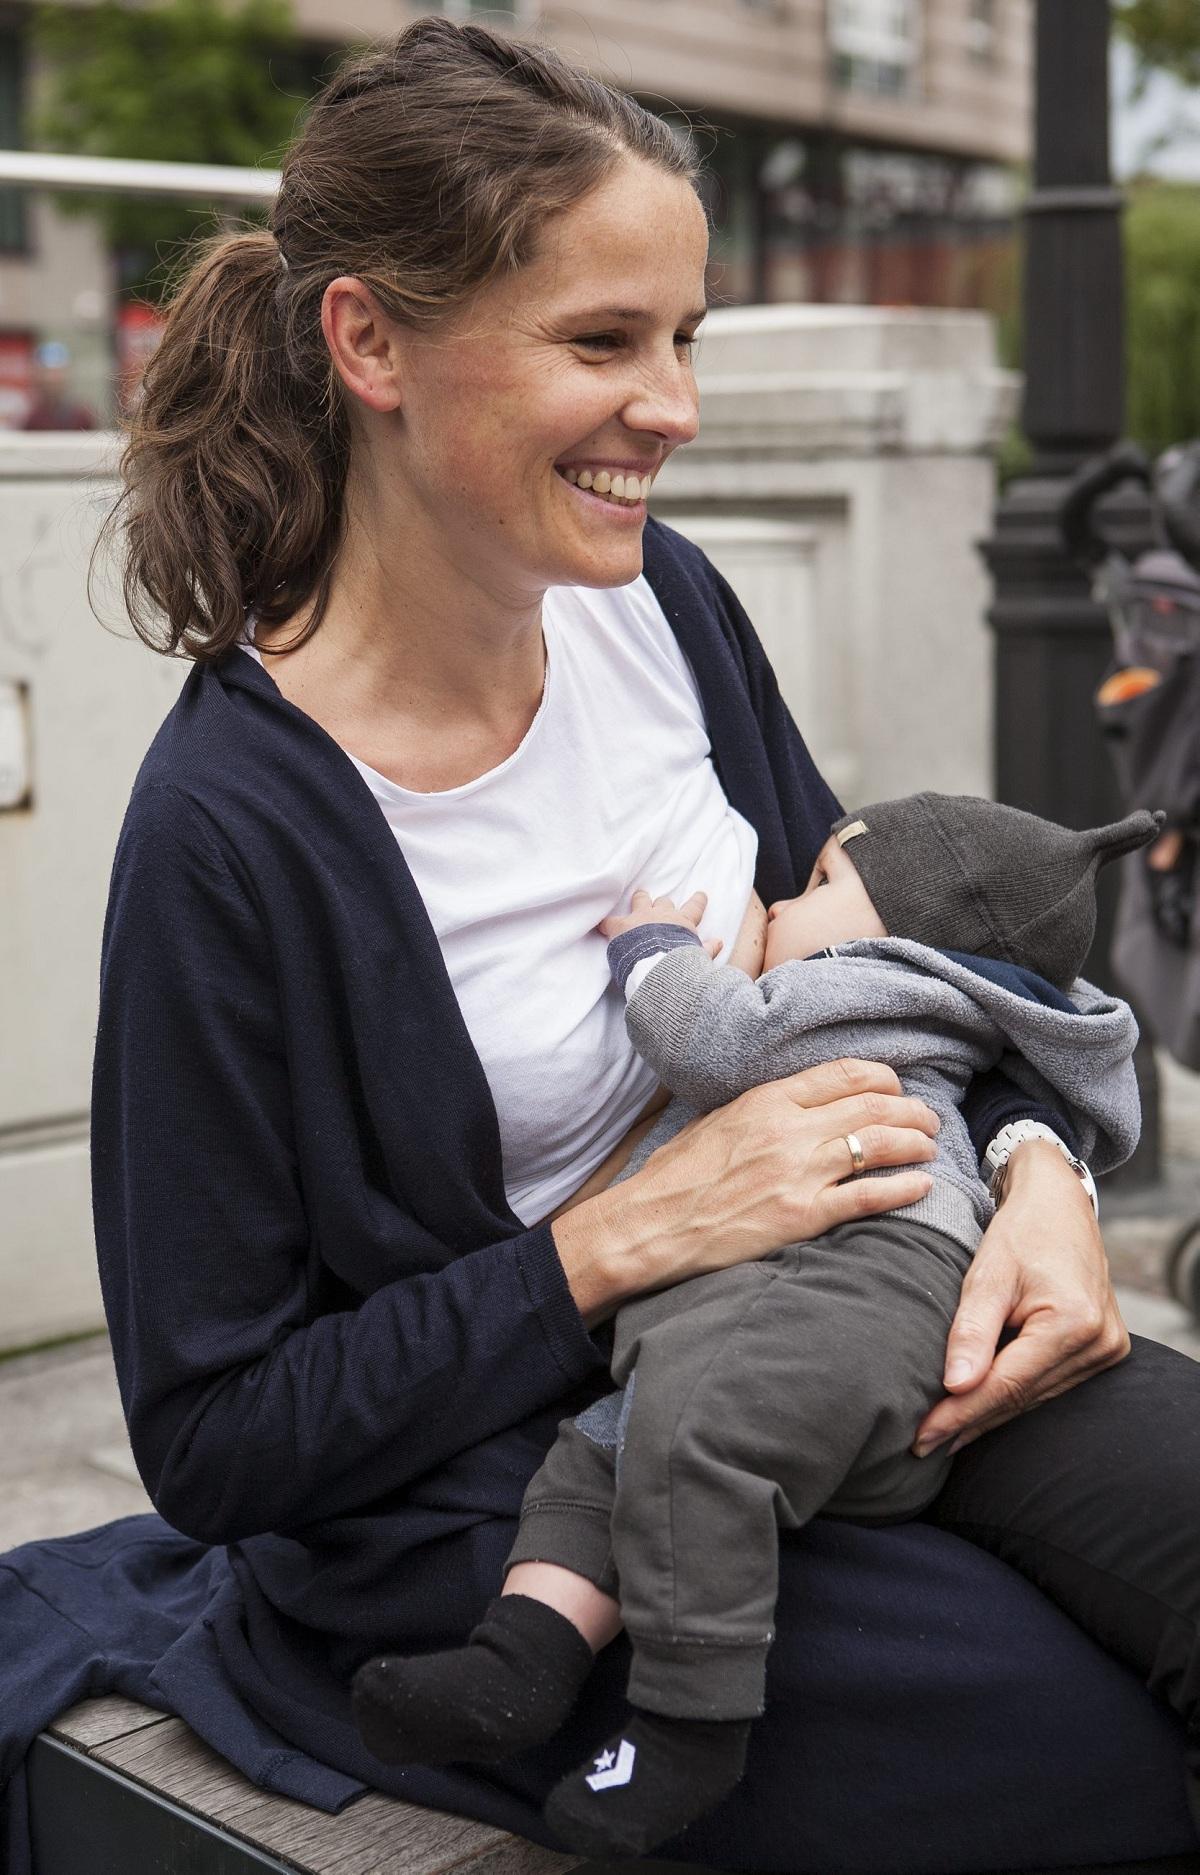 Niemowlęta karmione piersią trawią pokarm matki szybciej niż mleko modyfikowane, więc muszą ssać pierś częściej (fot. Tomasz Fritz / Agencja Gazeta)